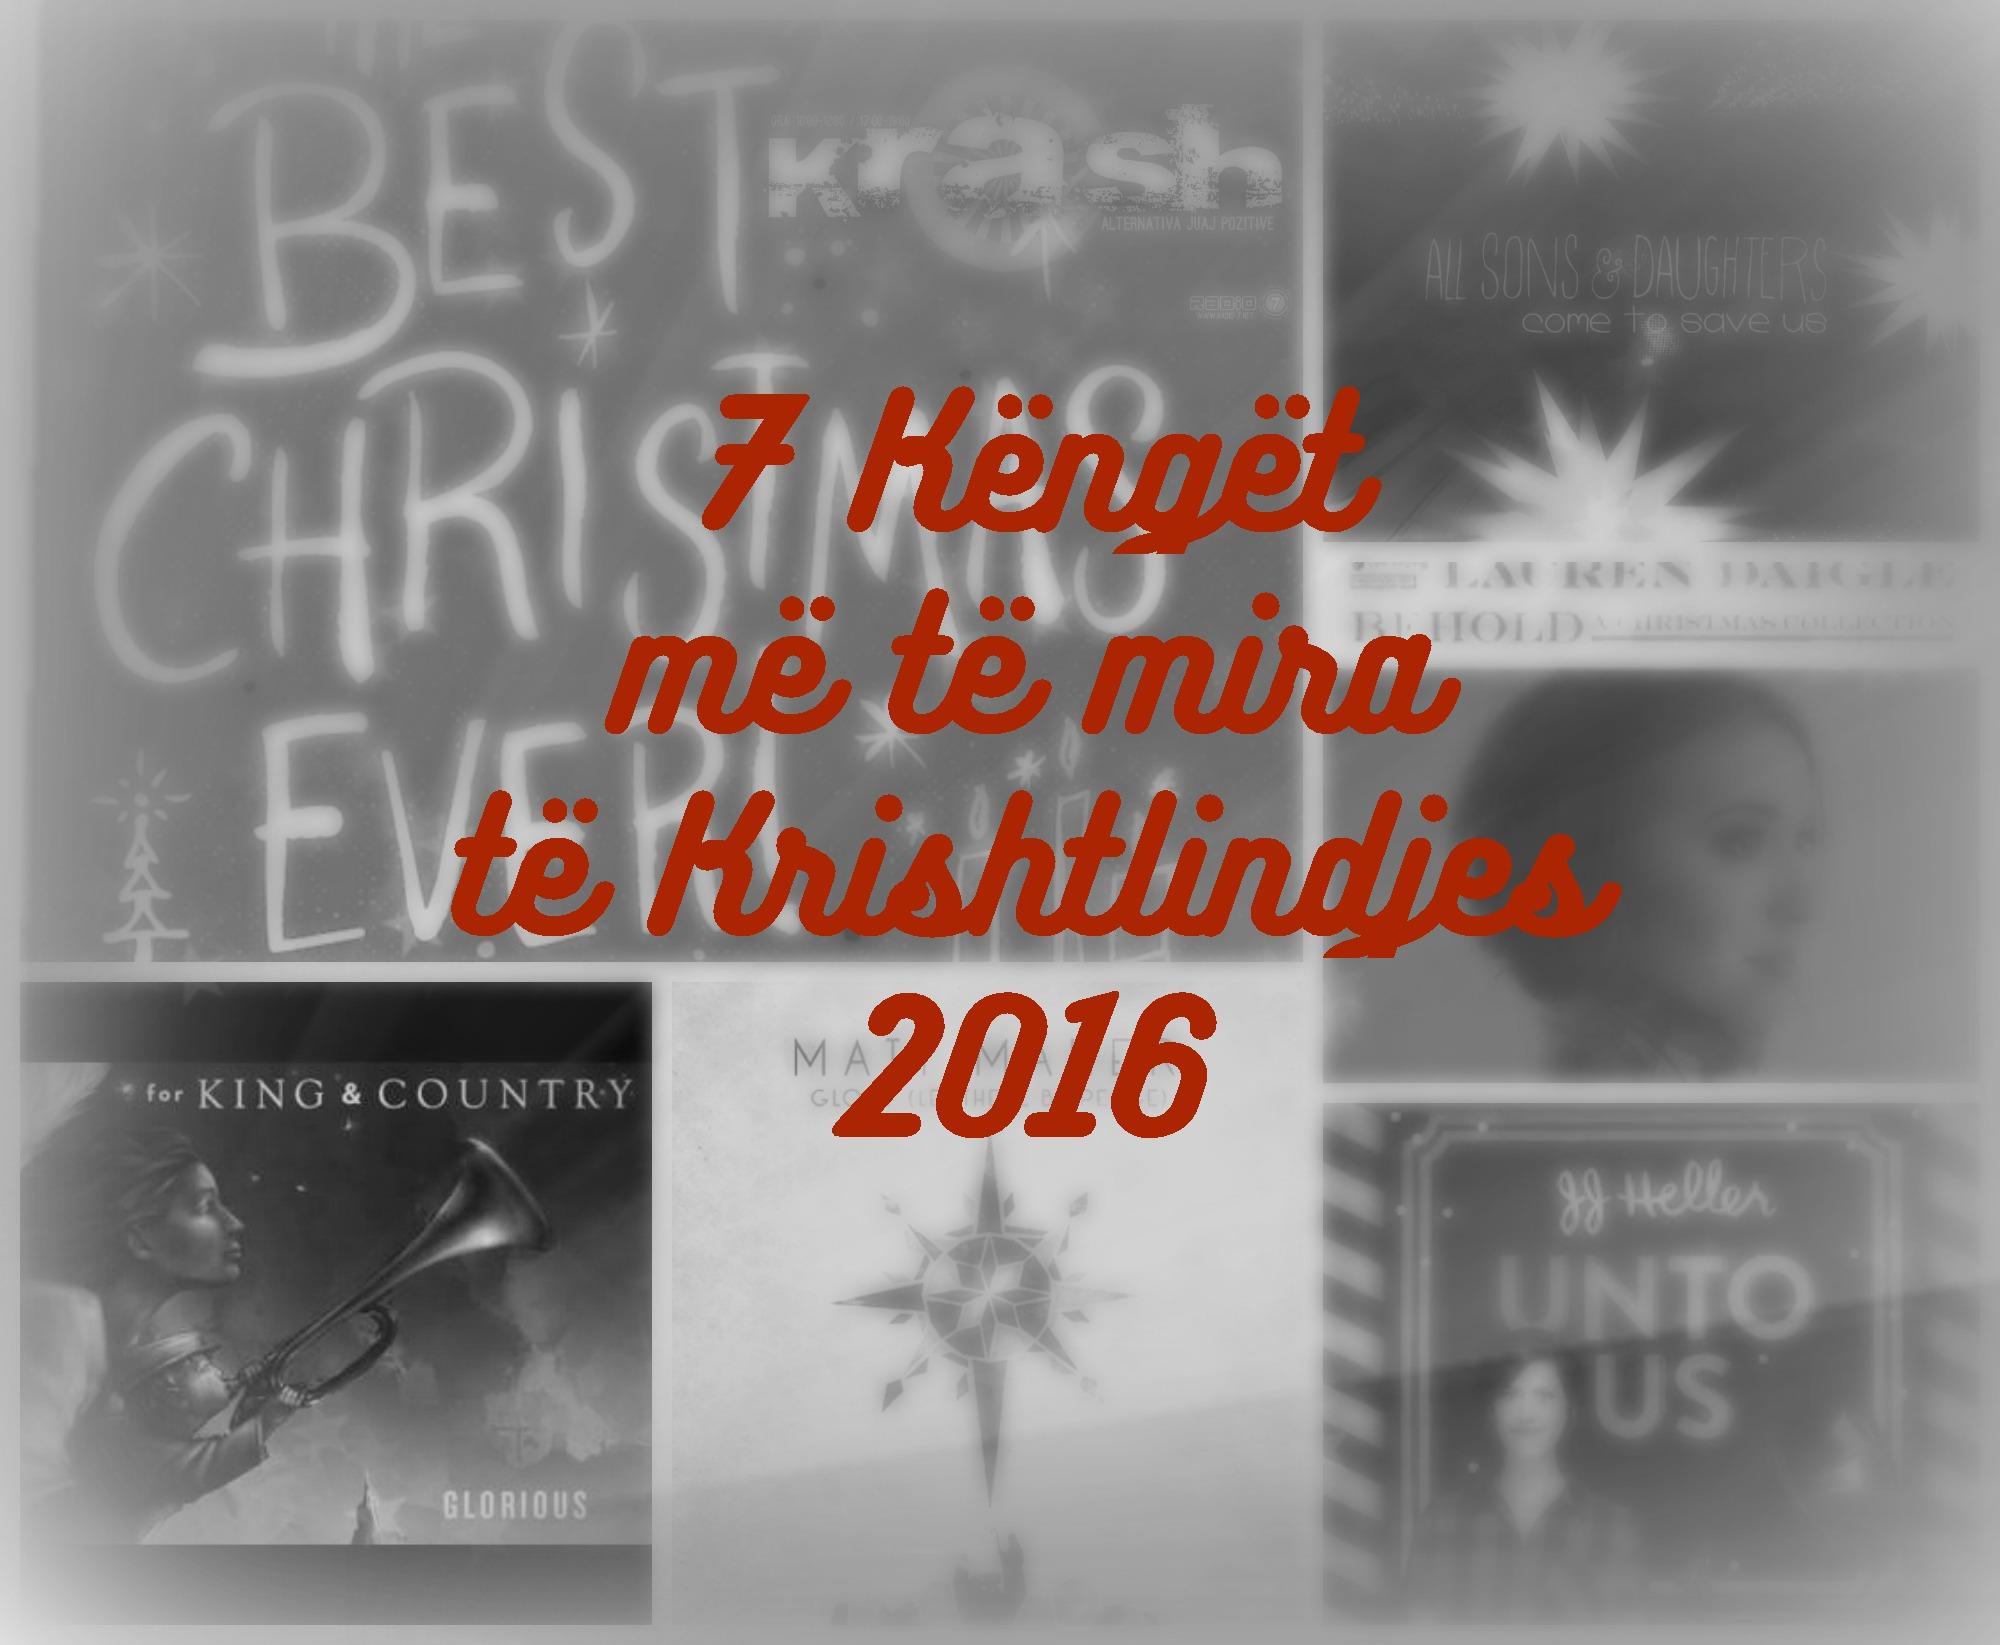 krash-christmas-1